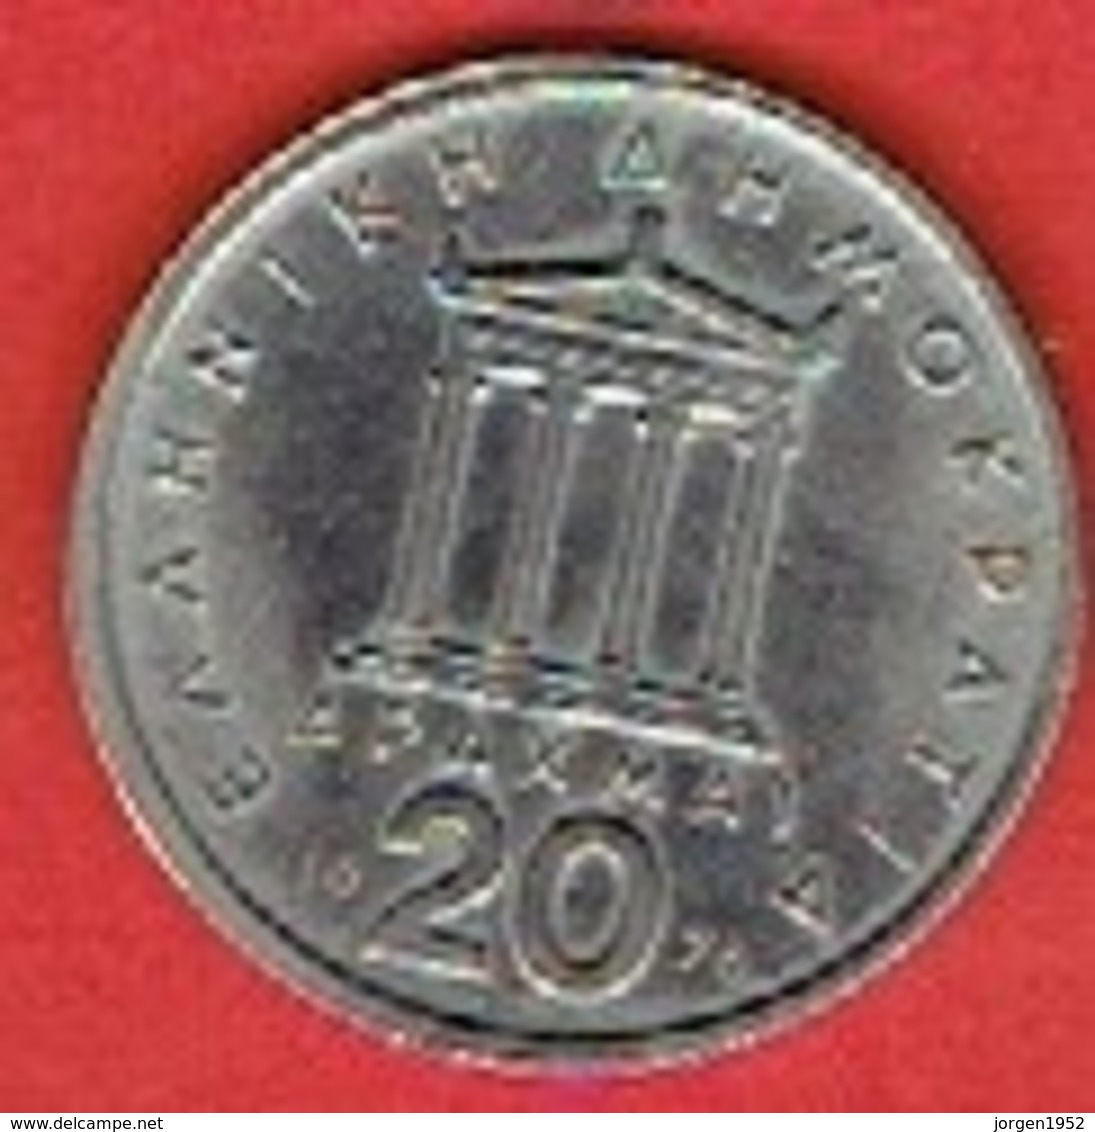 GREECE #  20 Drachmai  FROM 1976 - Grèce